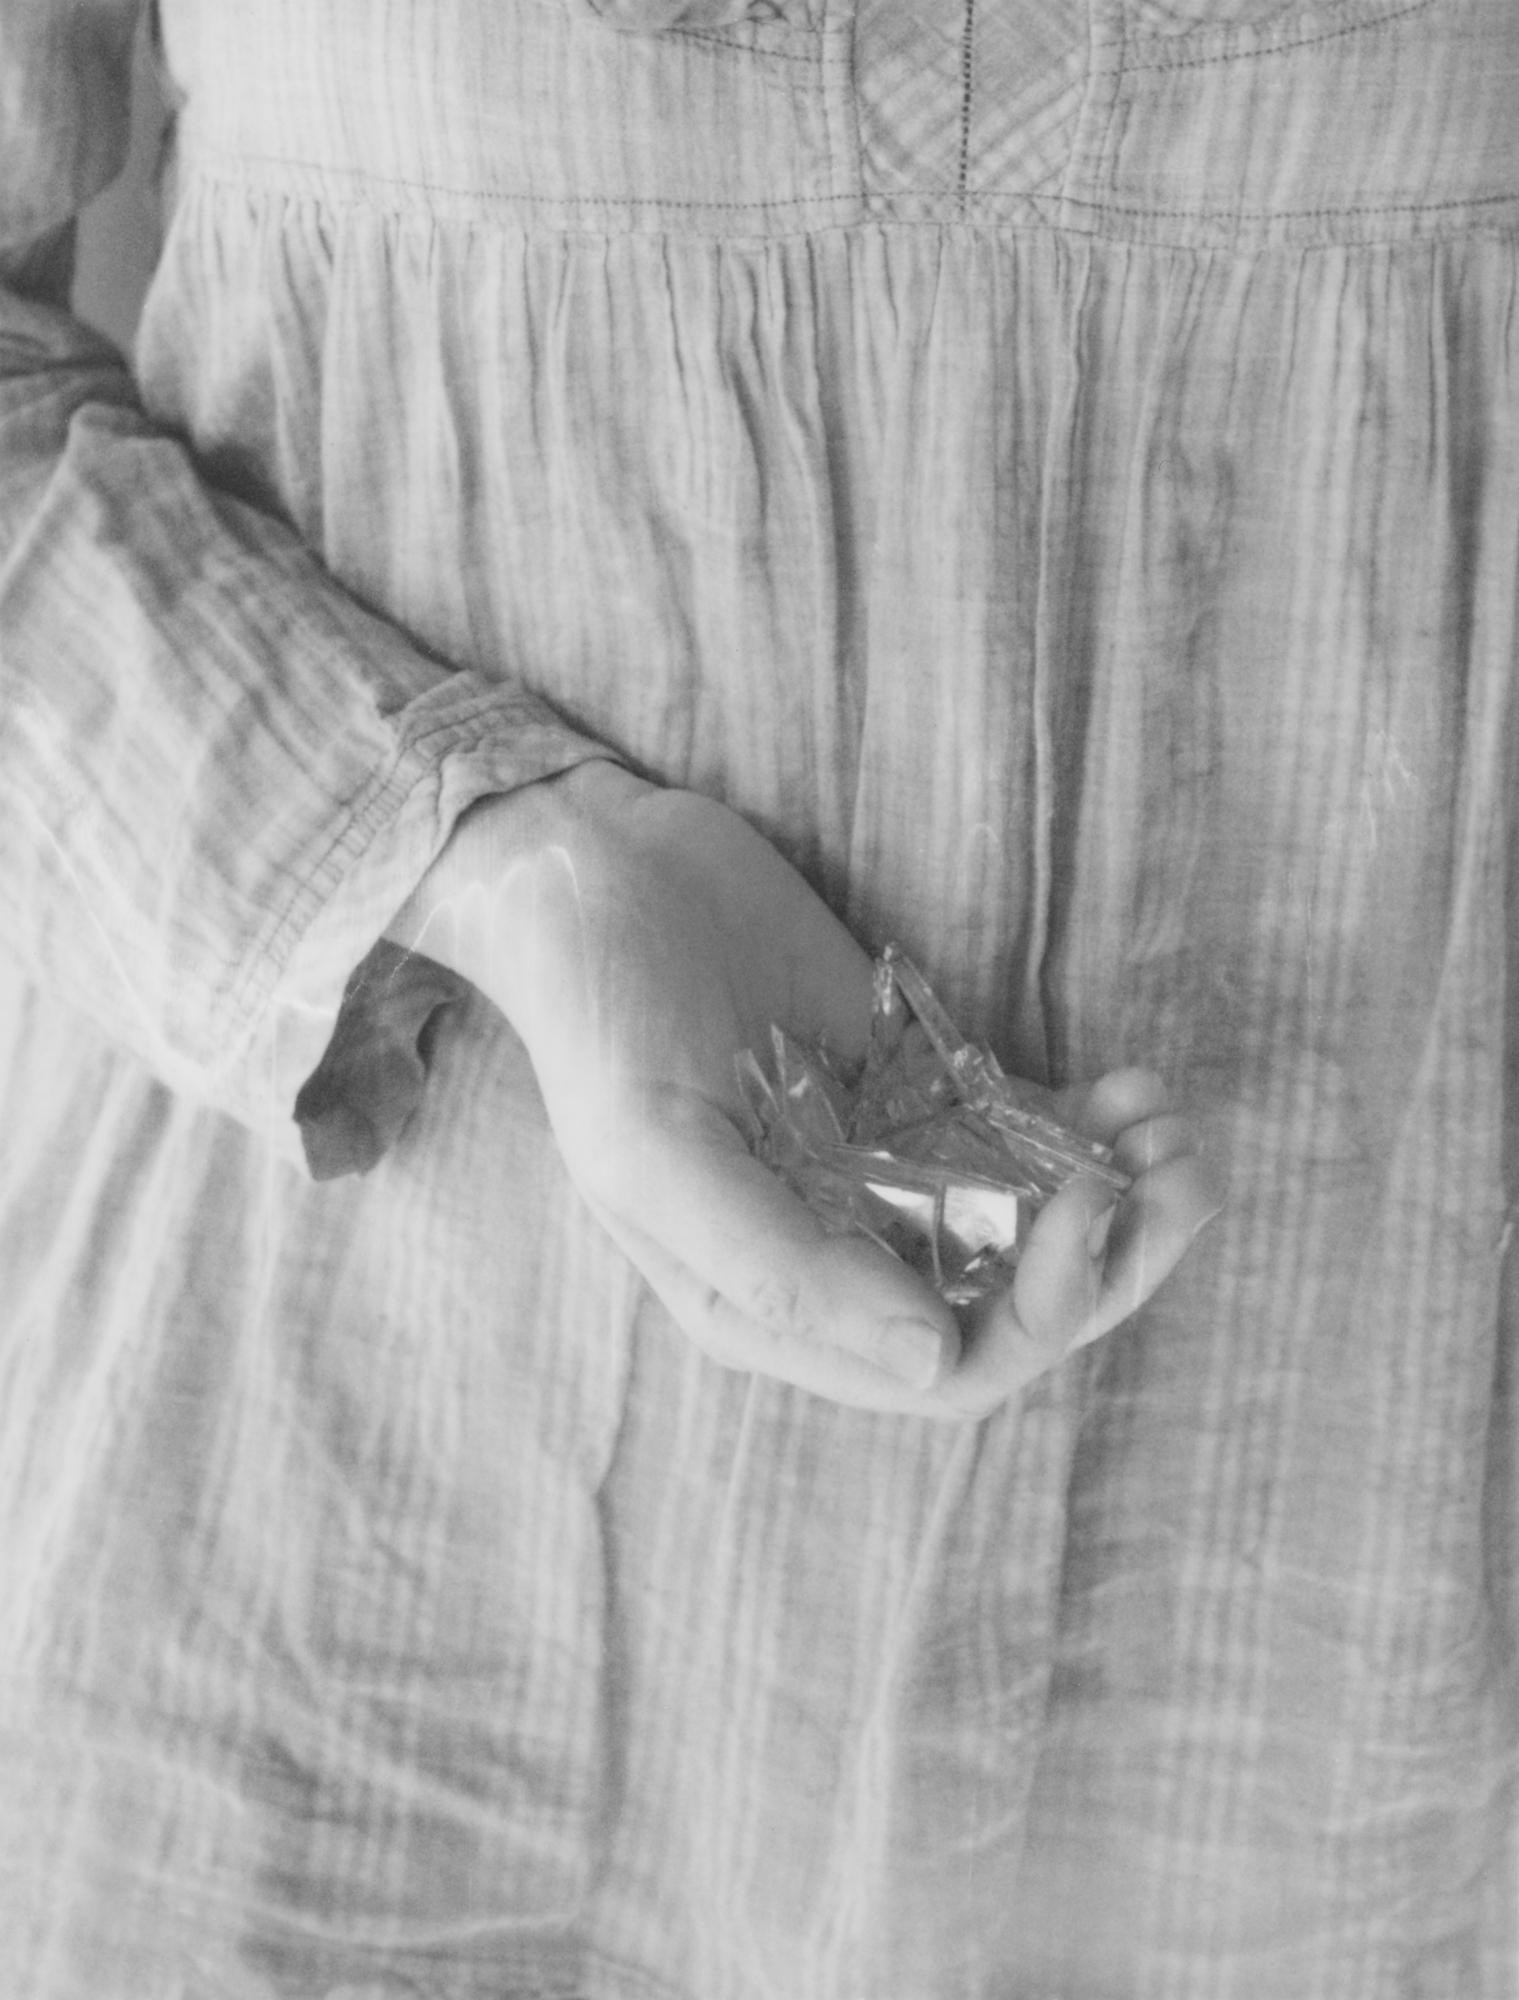 Broken Glass in My Hand